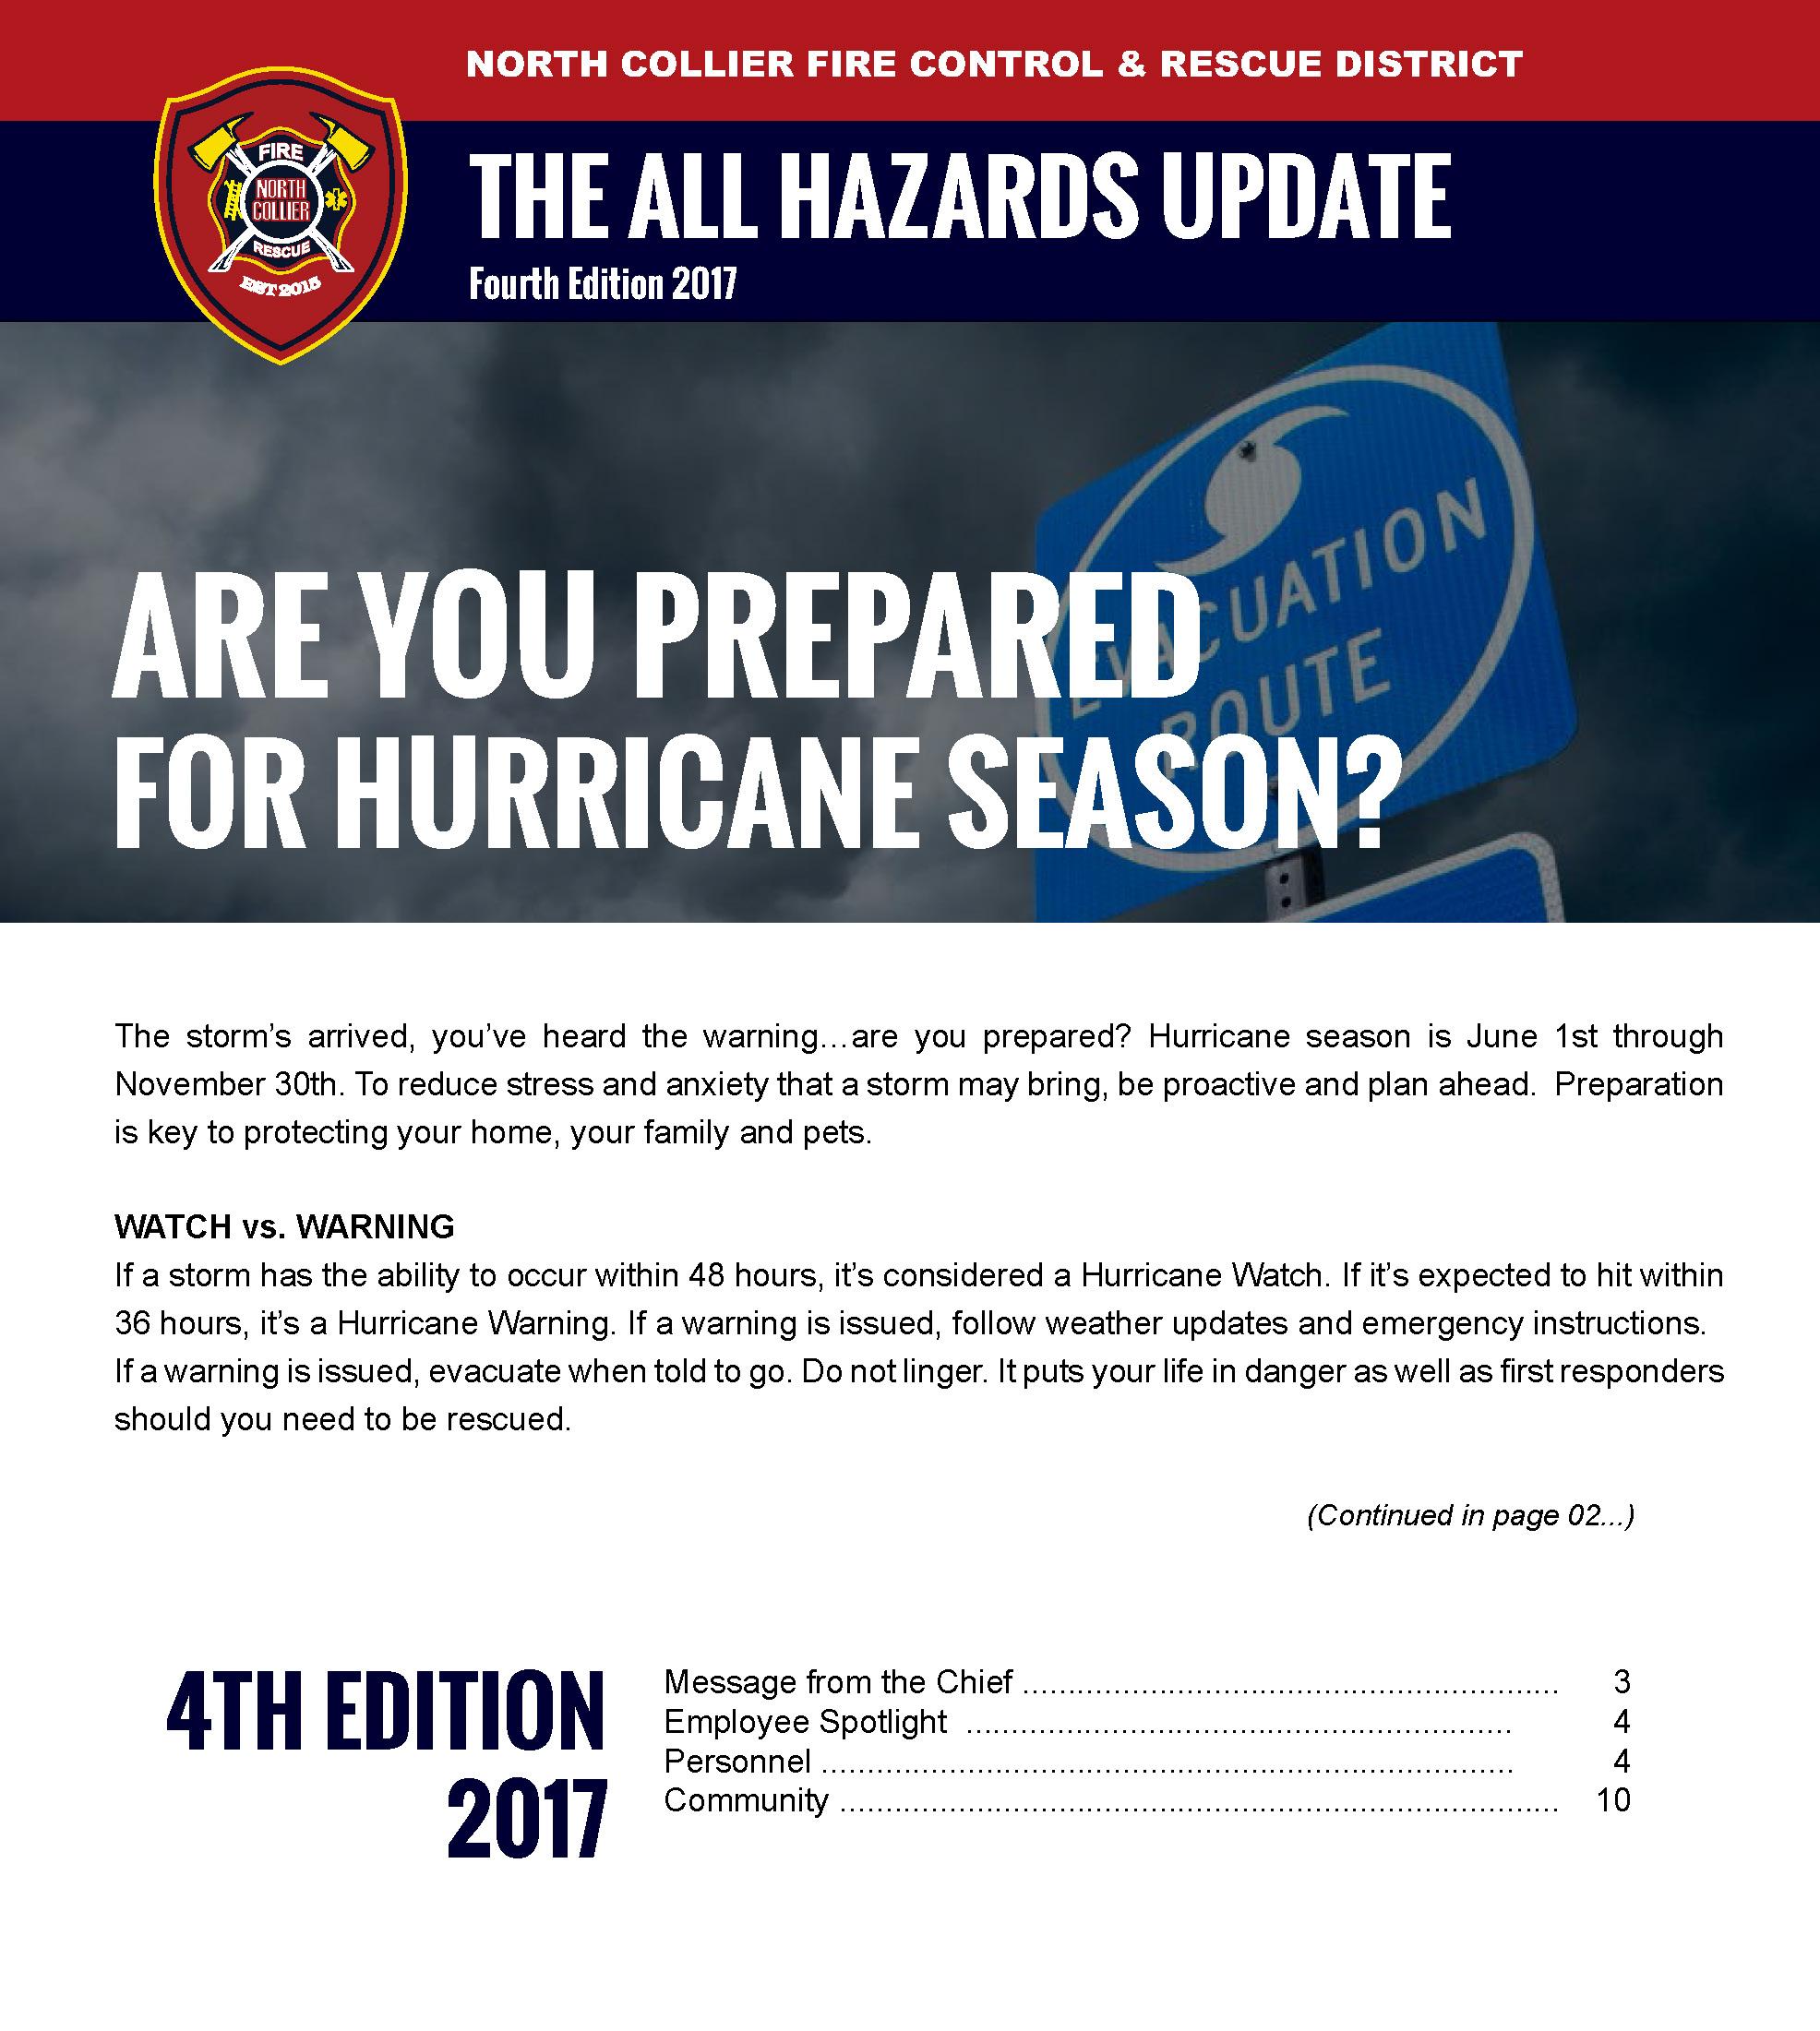 All Hazards Update Fourth Edition 2017